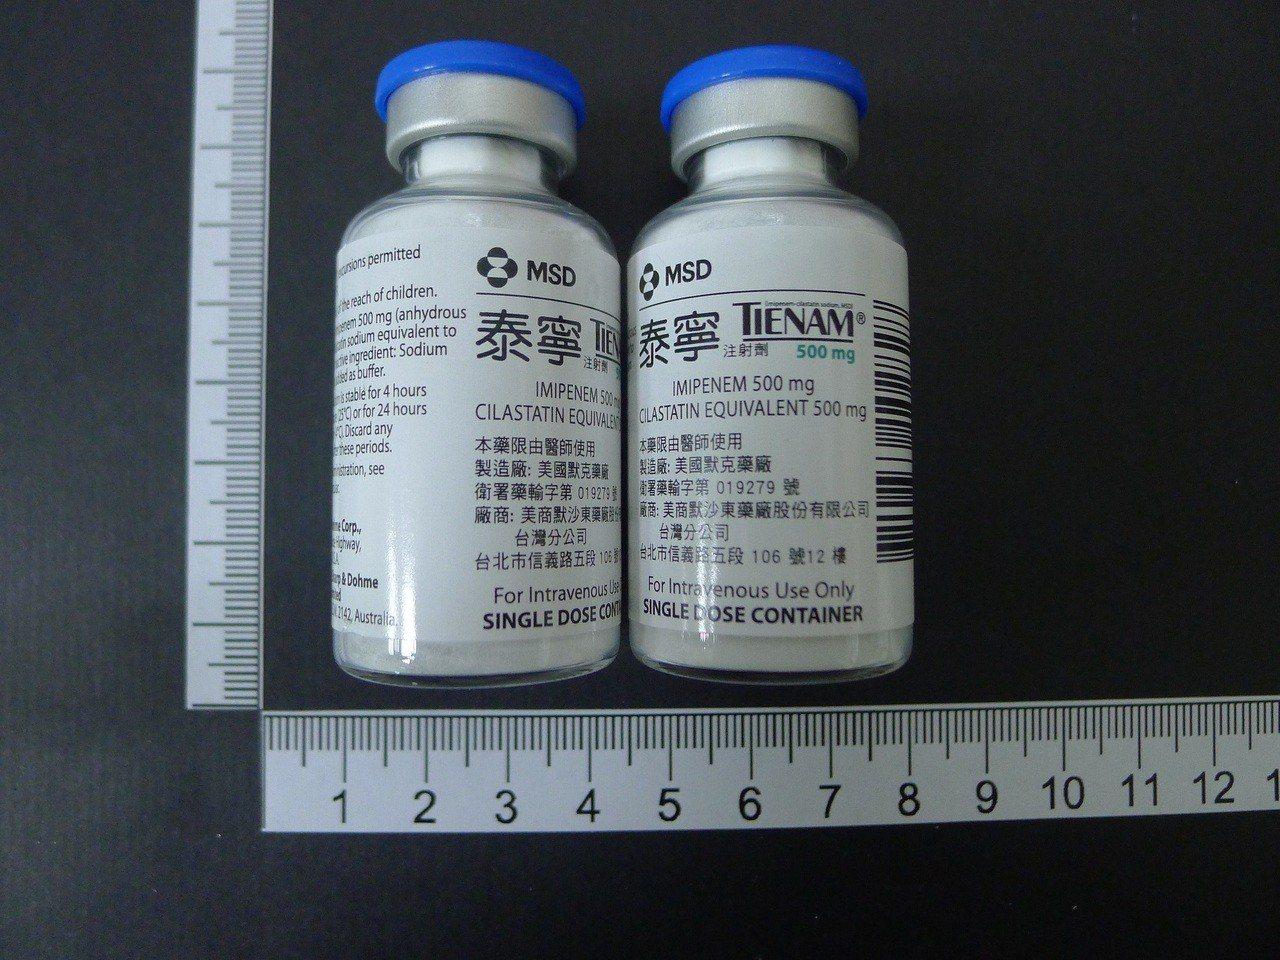 泰寧注射劑宣布4月退出台灣市場,原因直指健保砍價。 圖擷自耕莘醫院